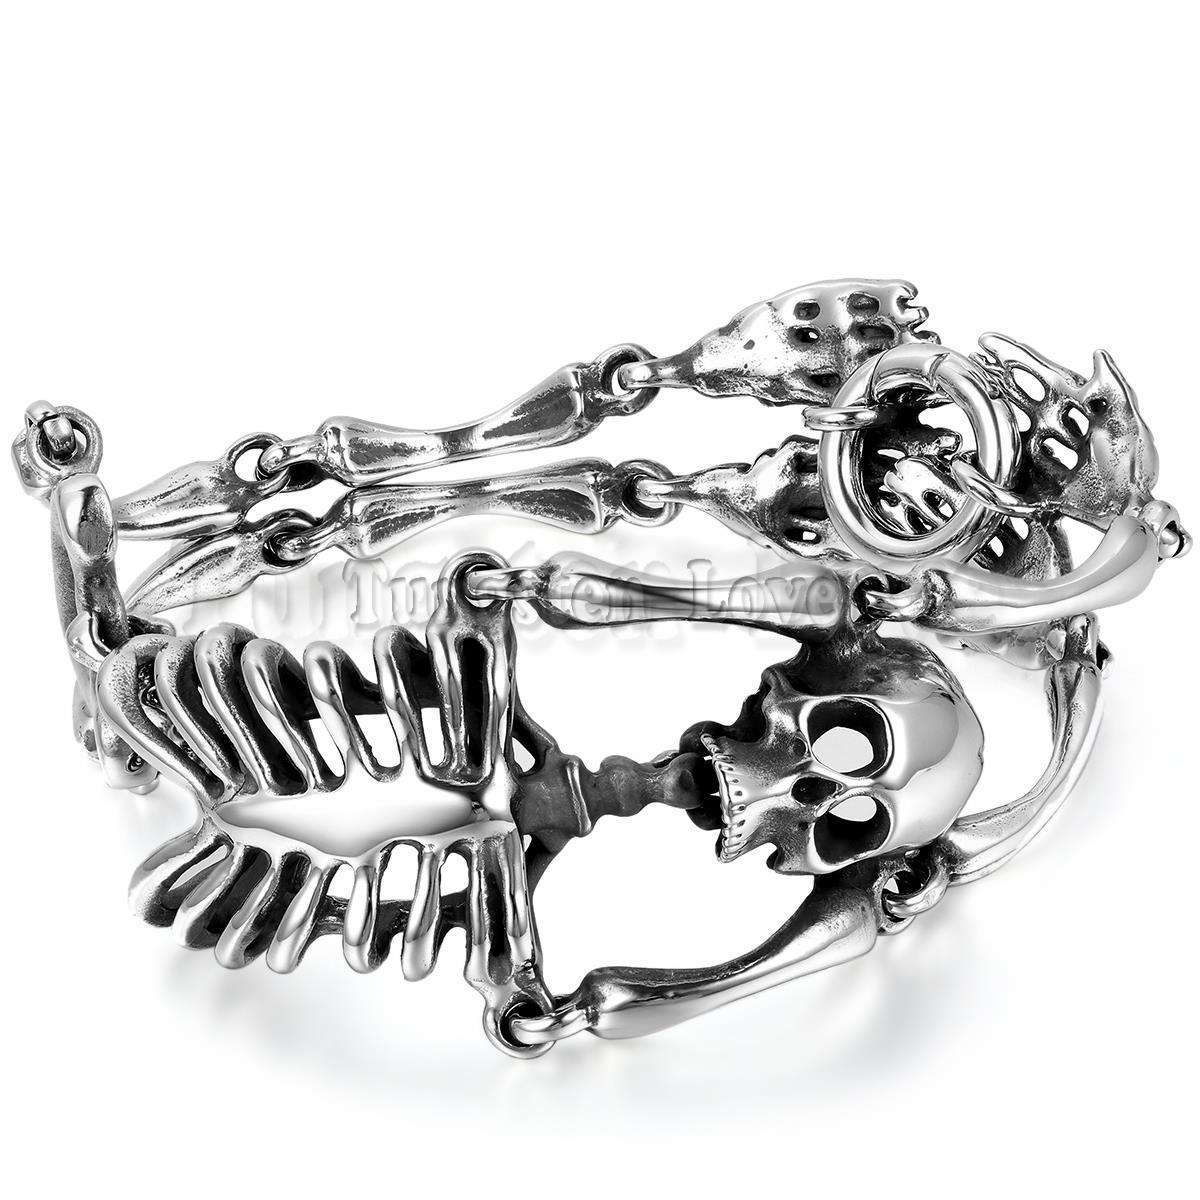 8.6 pouces hommes en acier inoxydable Bracelet lien poignet argent noir crâne squelette Vintage bijoux garçon cadeau pulseira masculina couro